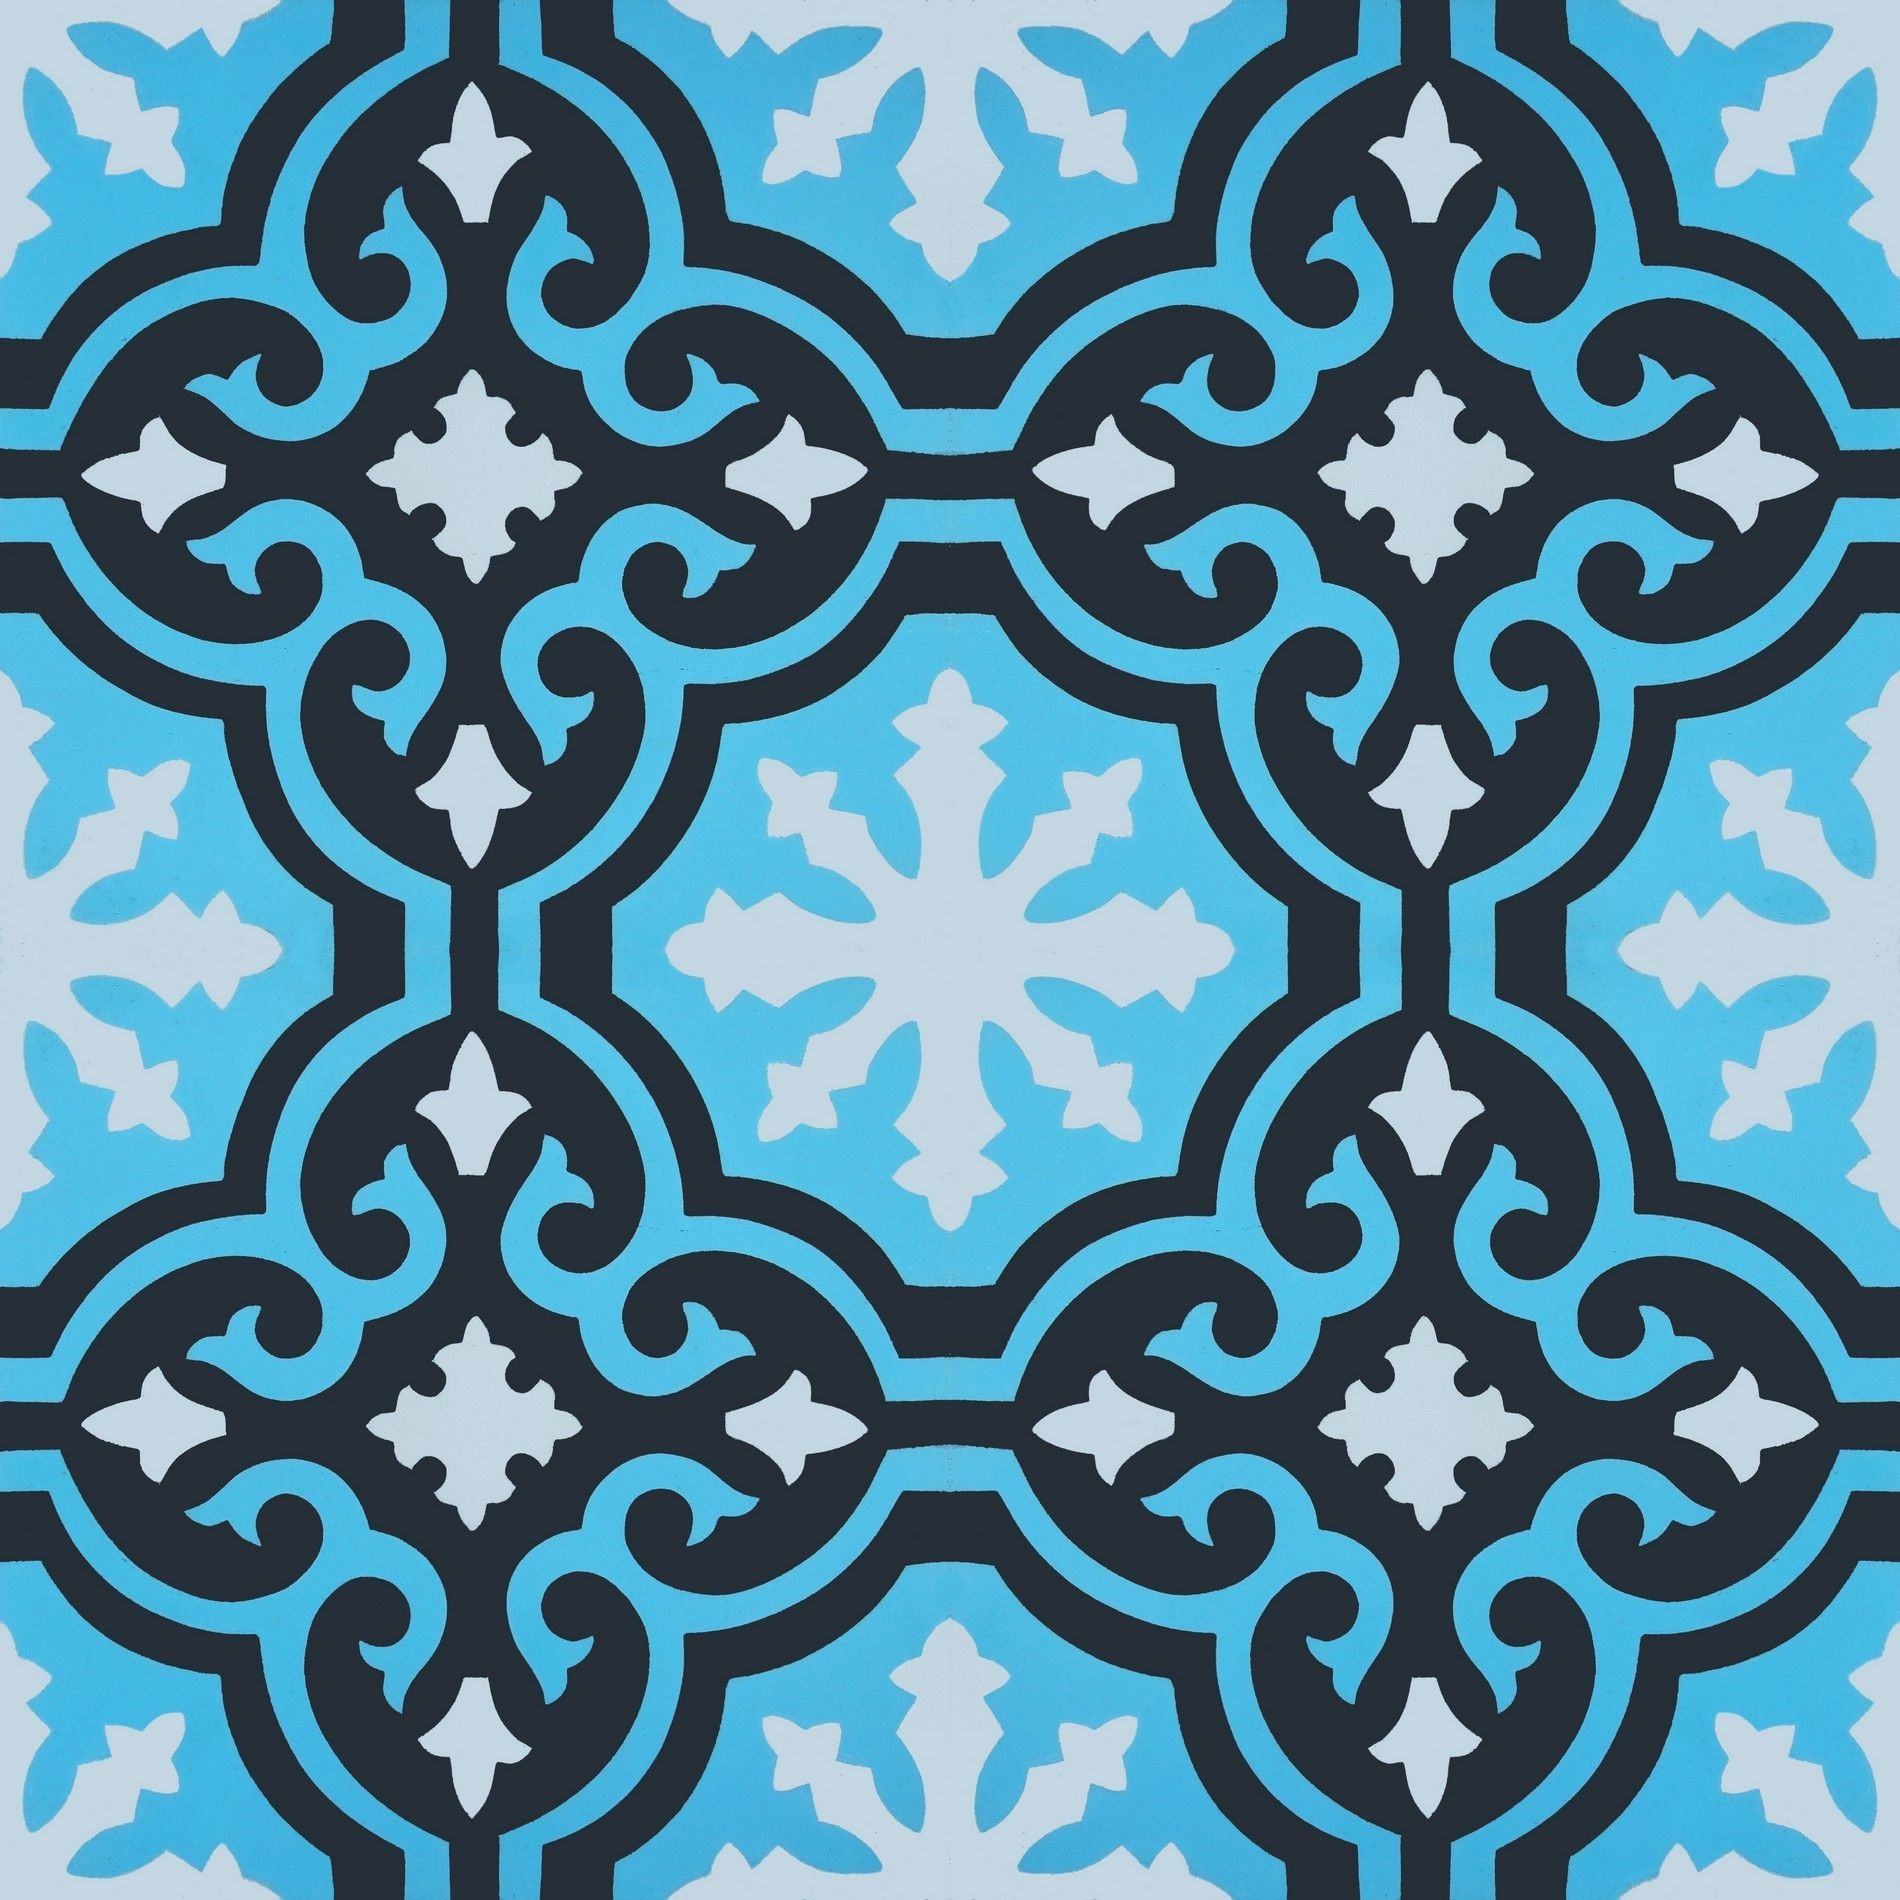 Piastrelle Decorative Per Tavoli bada - piastrelle decorative di cemento